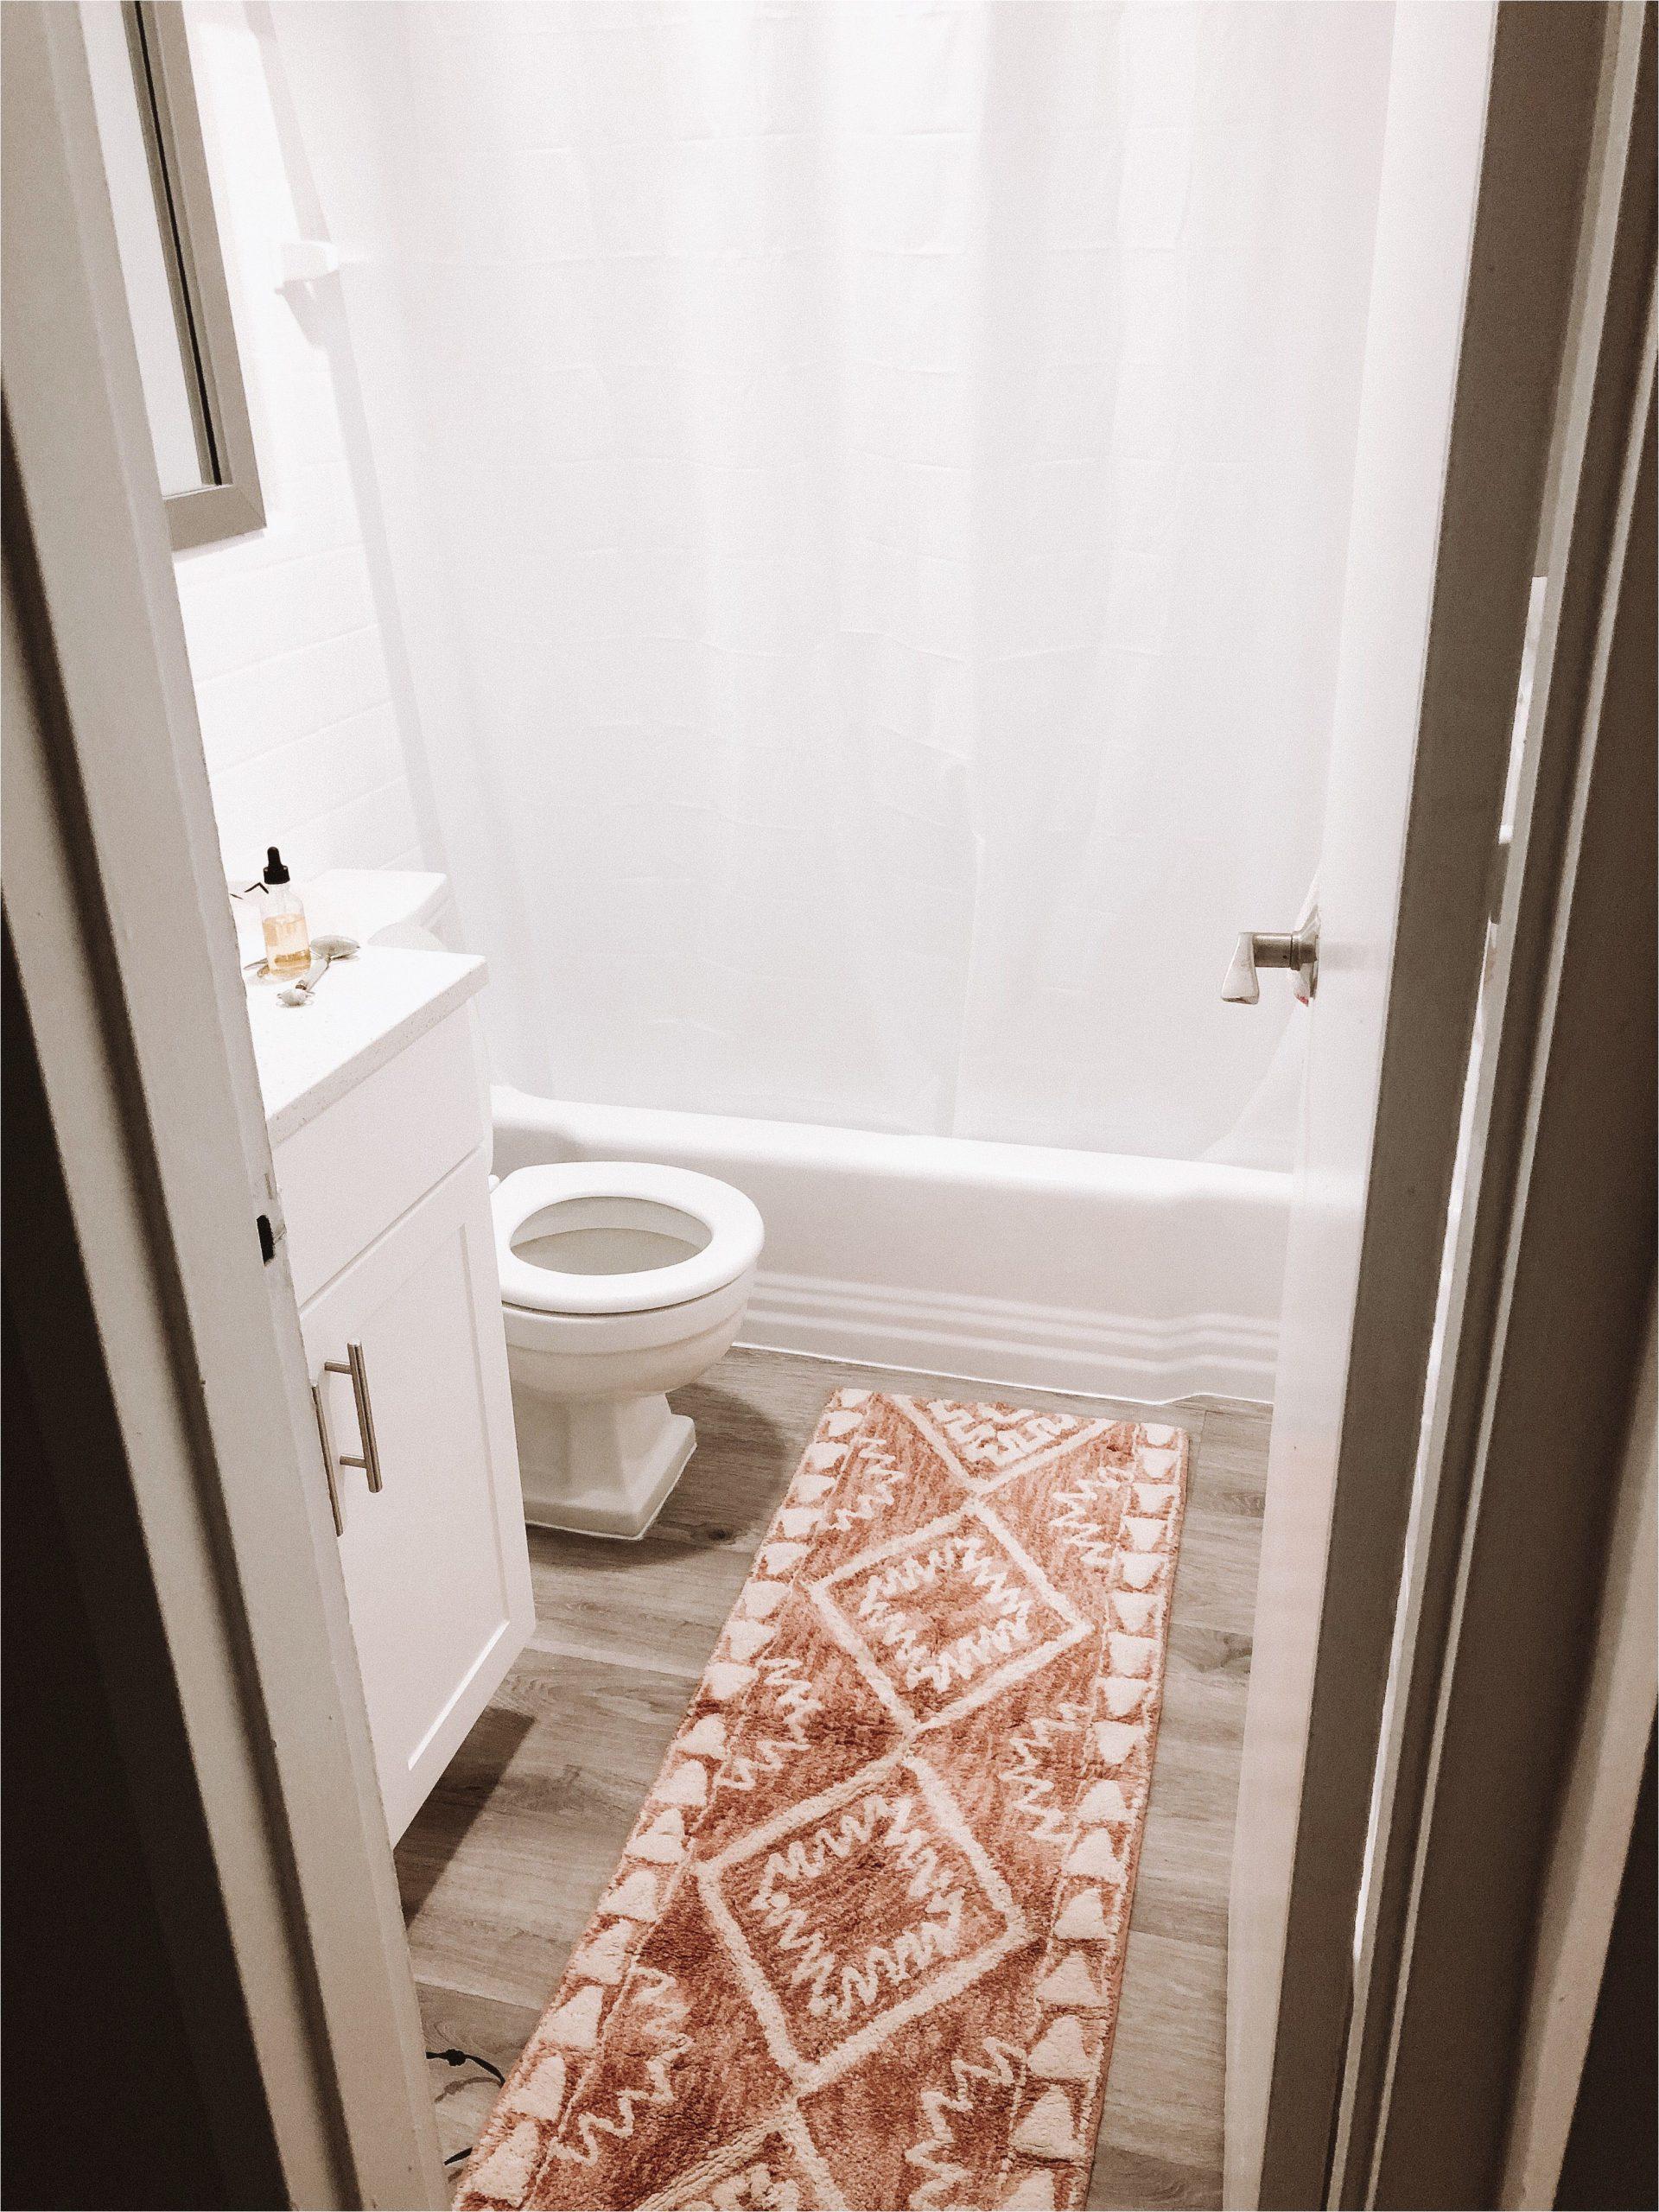 Bathroom Rug Sets with Runner Cute Bath Mat